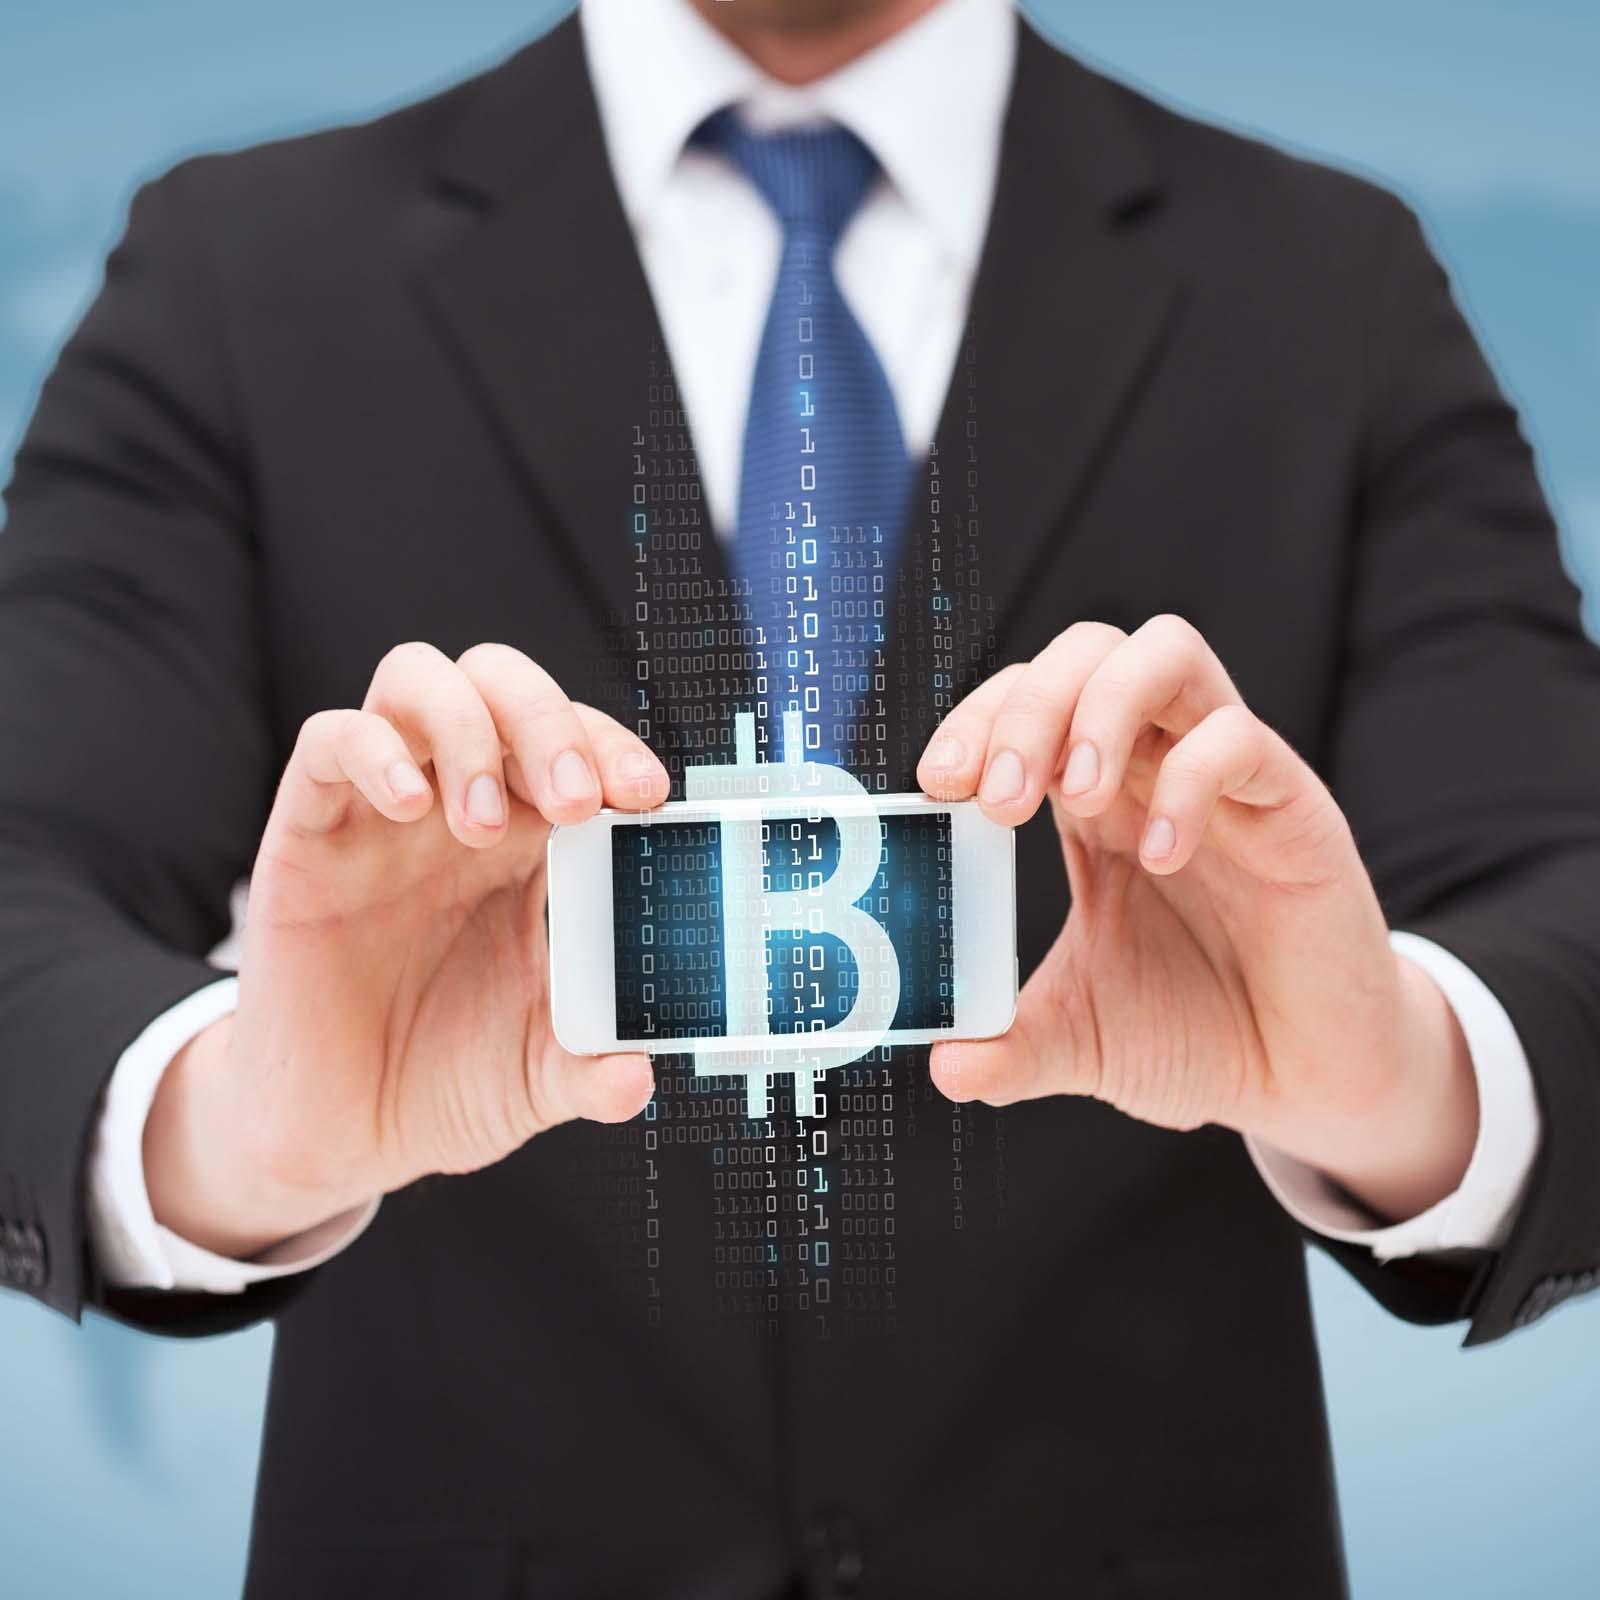 سر و صدا و جنجال های توییتر و تاثیر آن بر قیمت بیت کوین (Bitcoin)